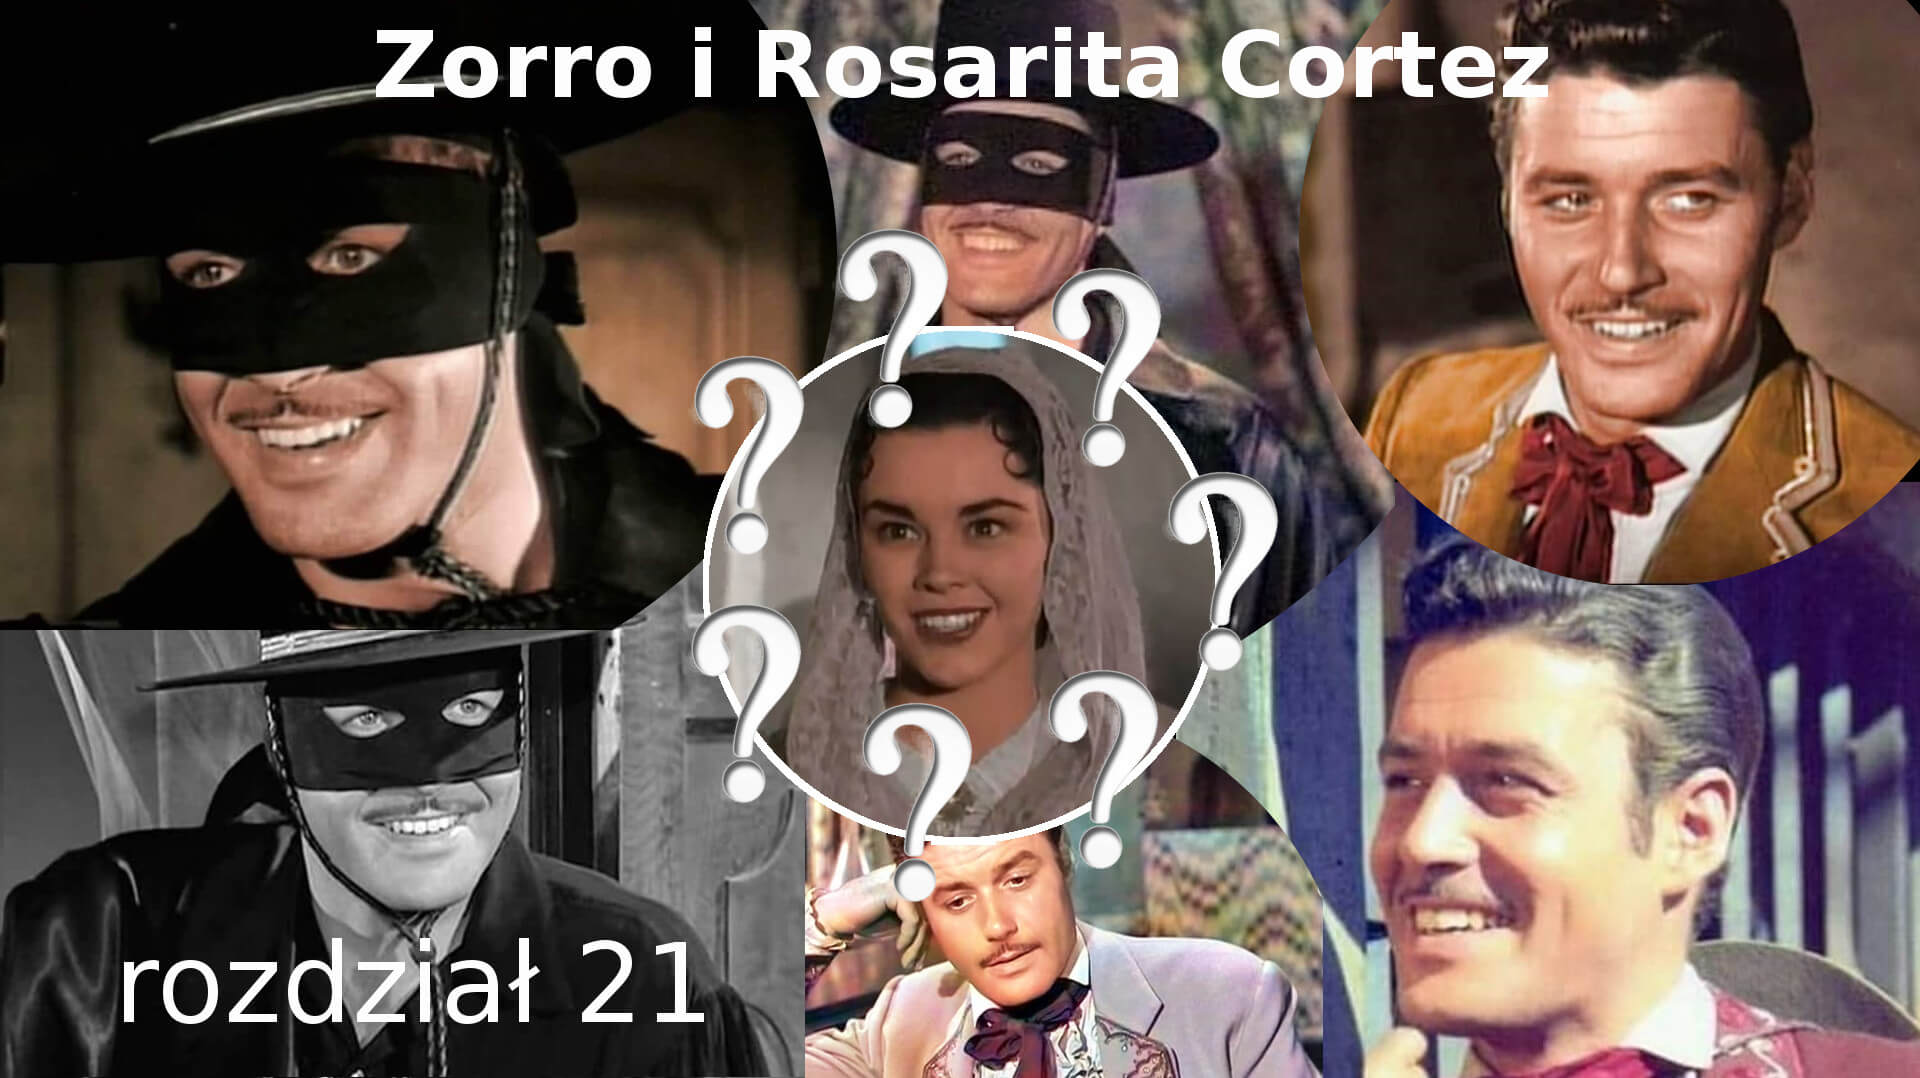 Zorro i Rosarita Cortez rozdział 21 Zorro fanfiction